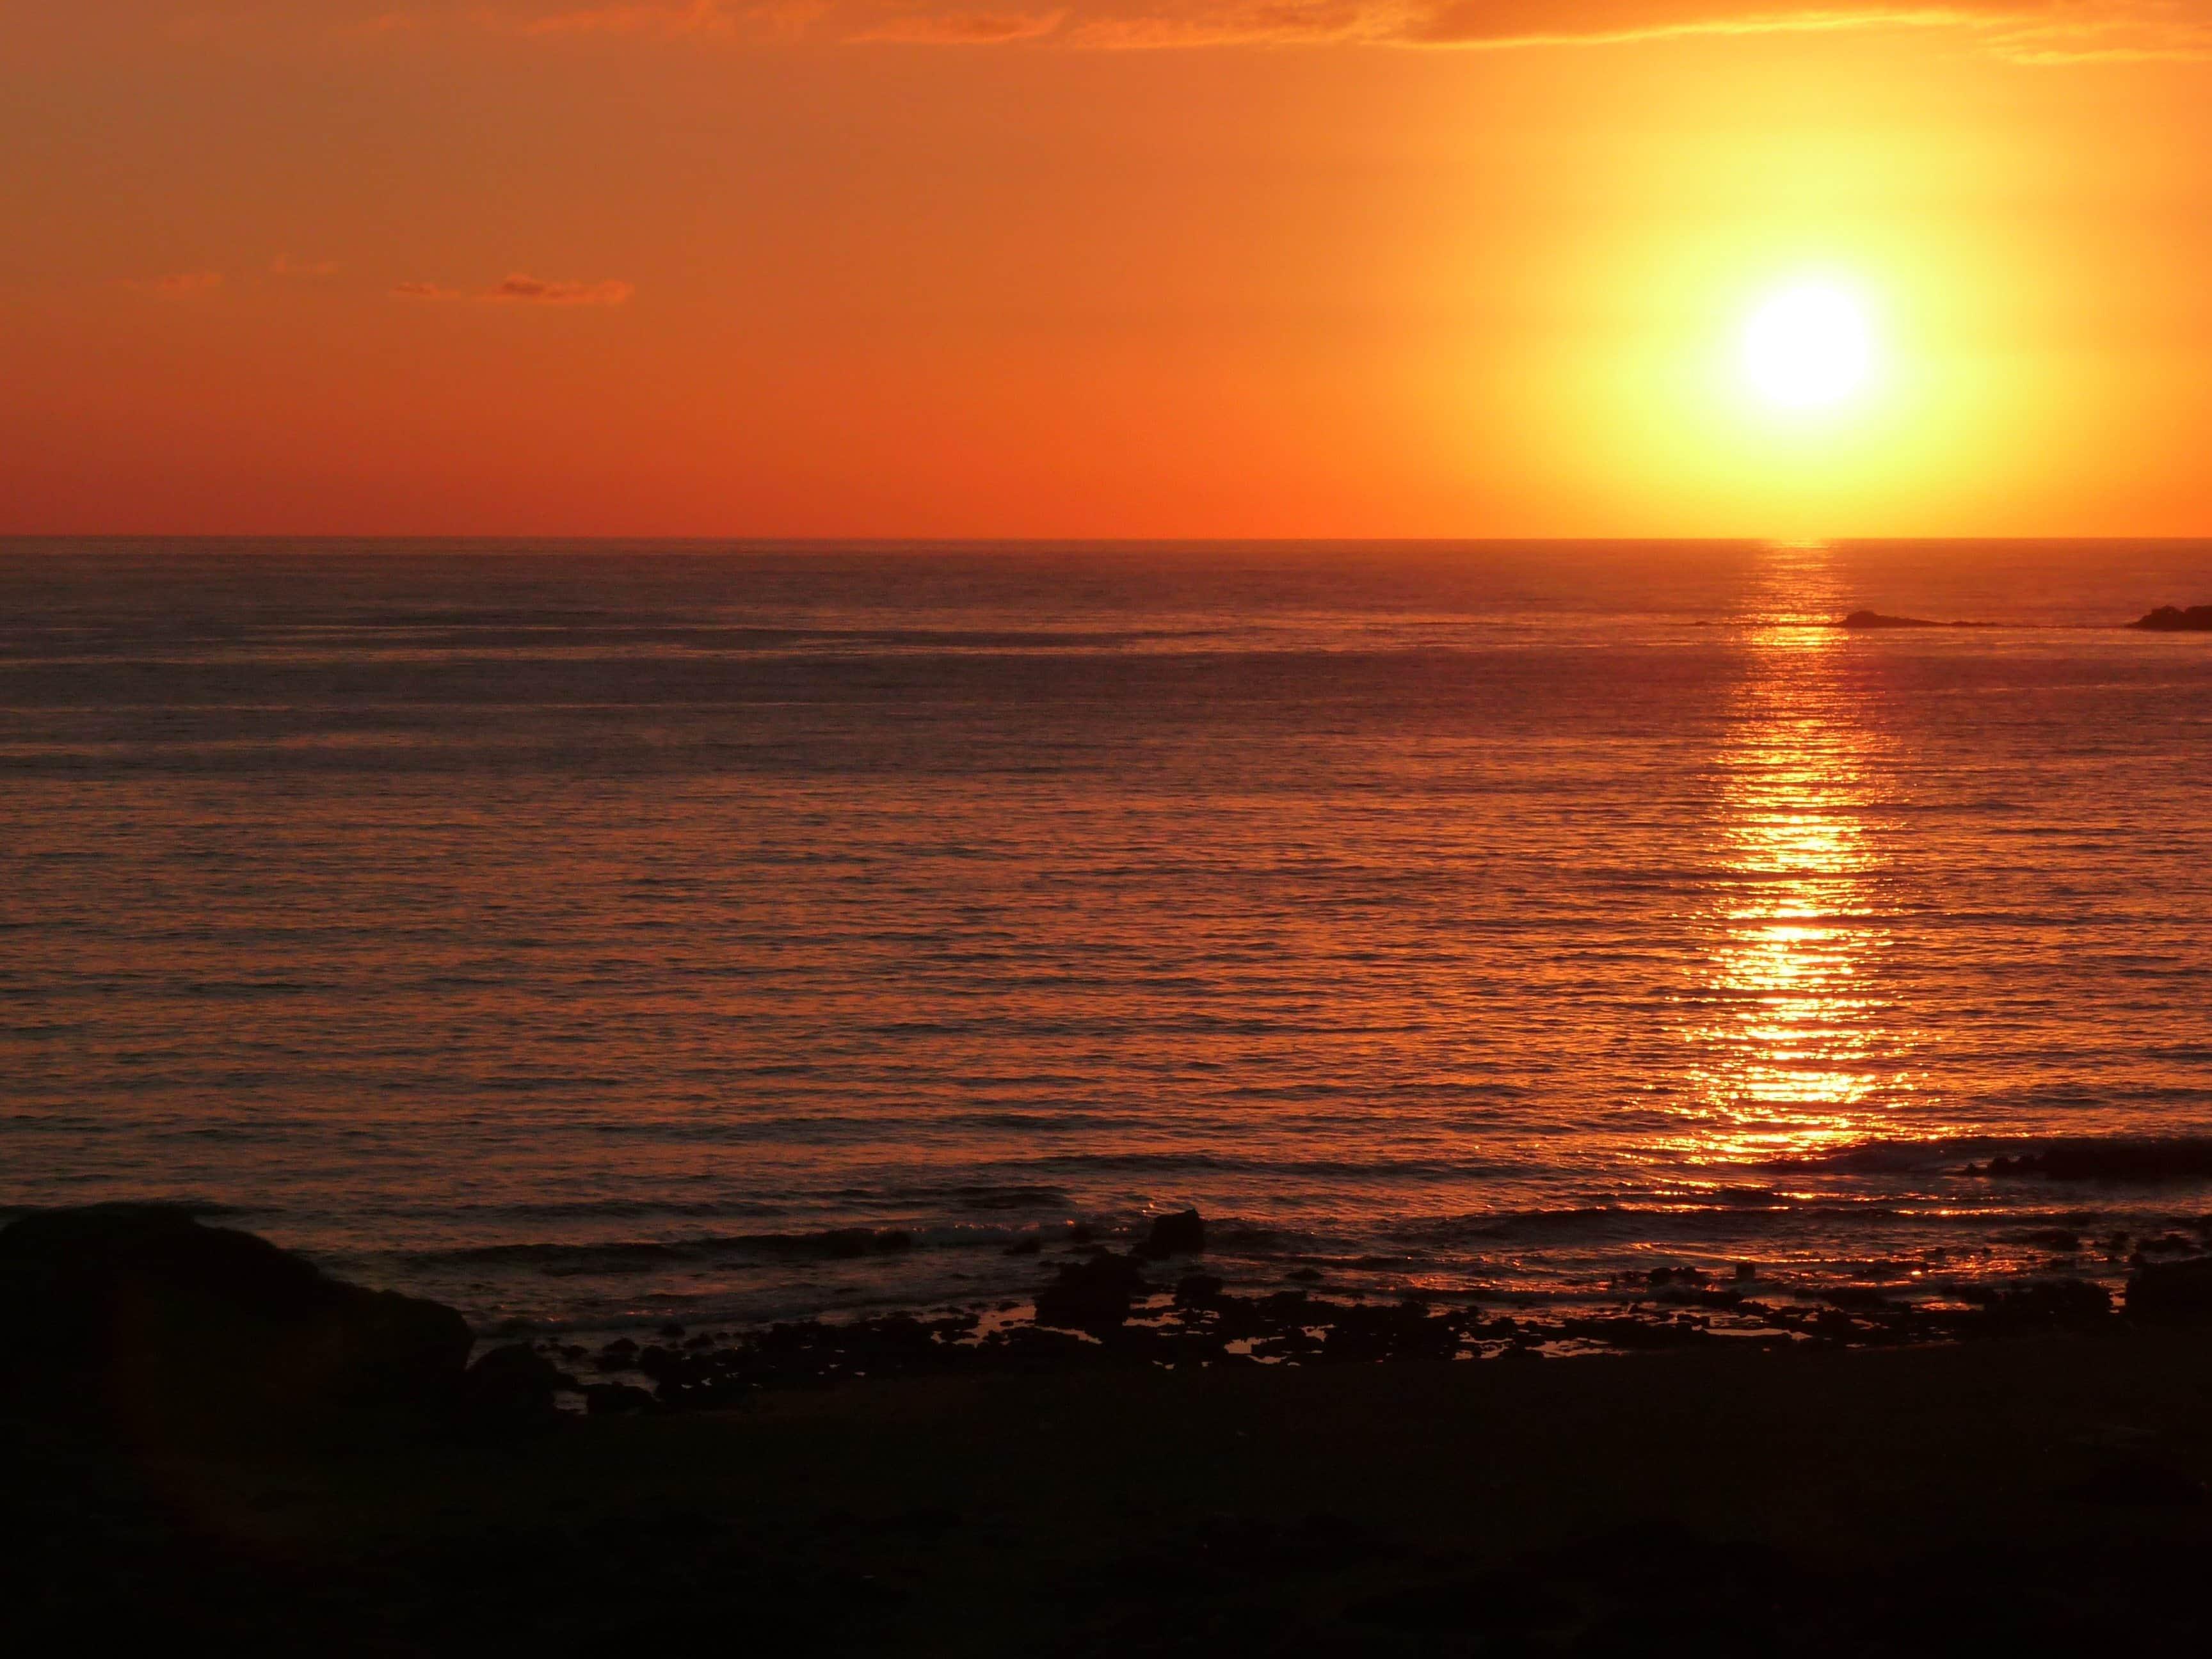 spiaggia di fallasarna creta tramonto